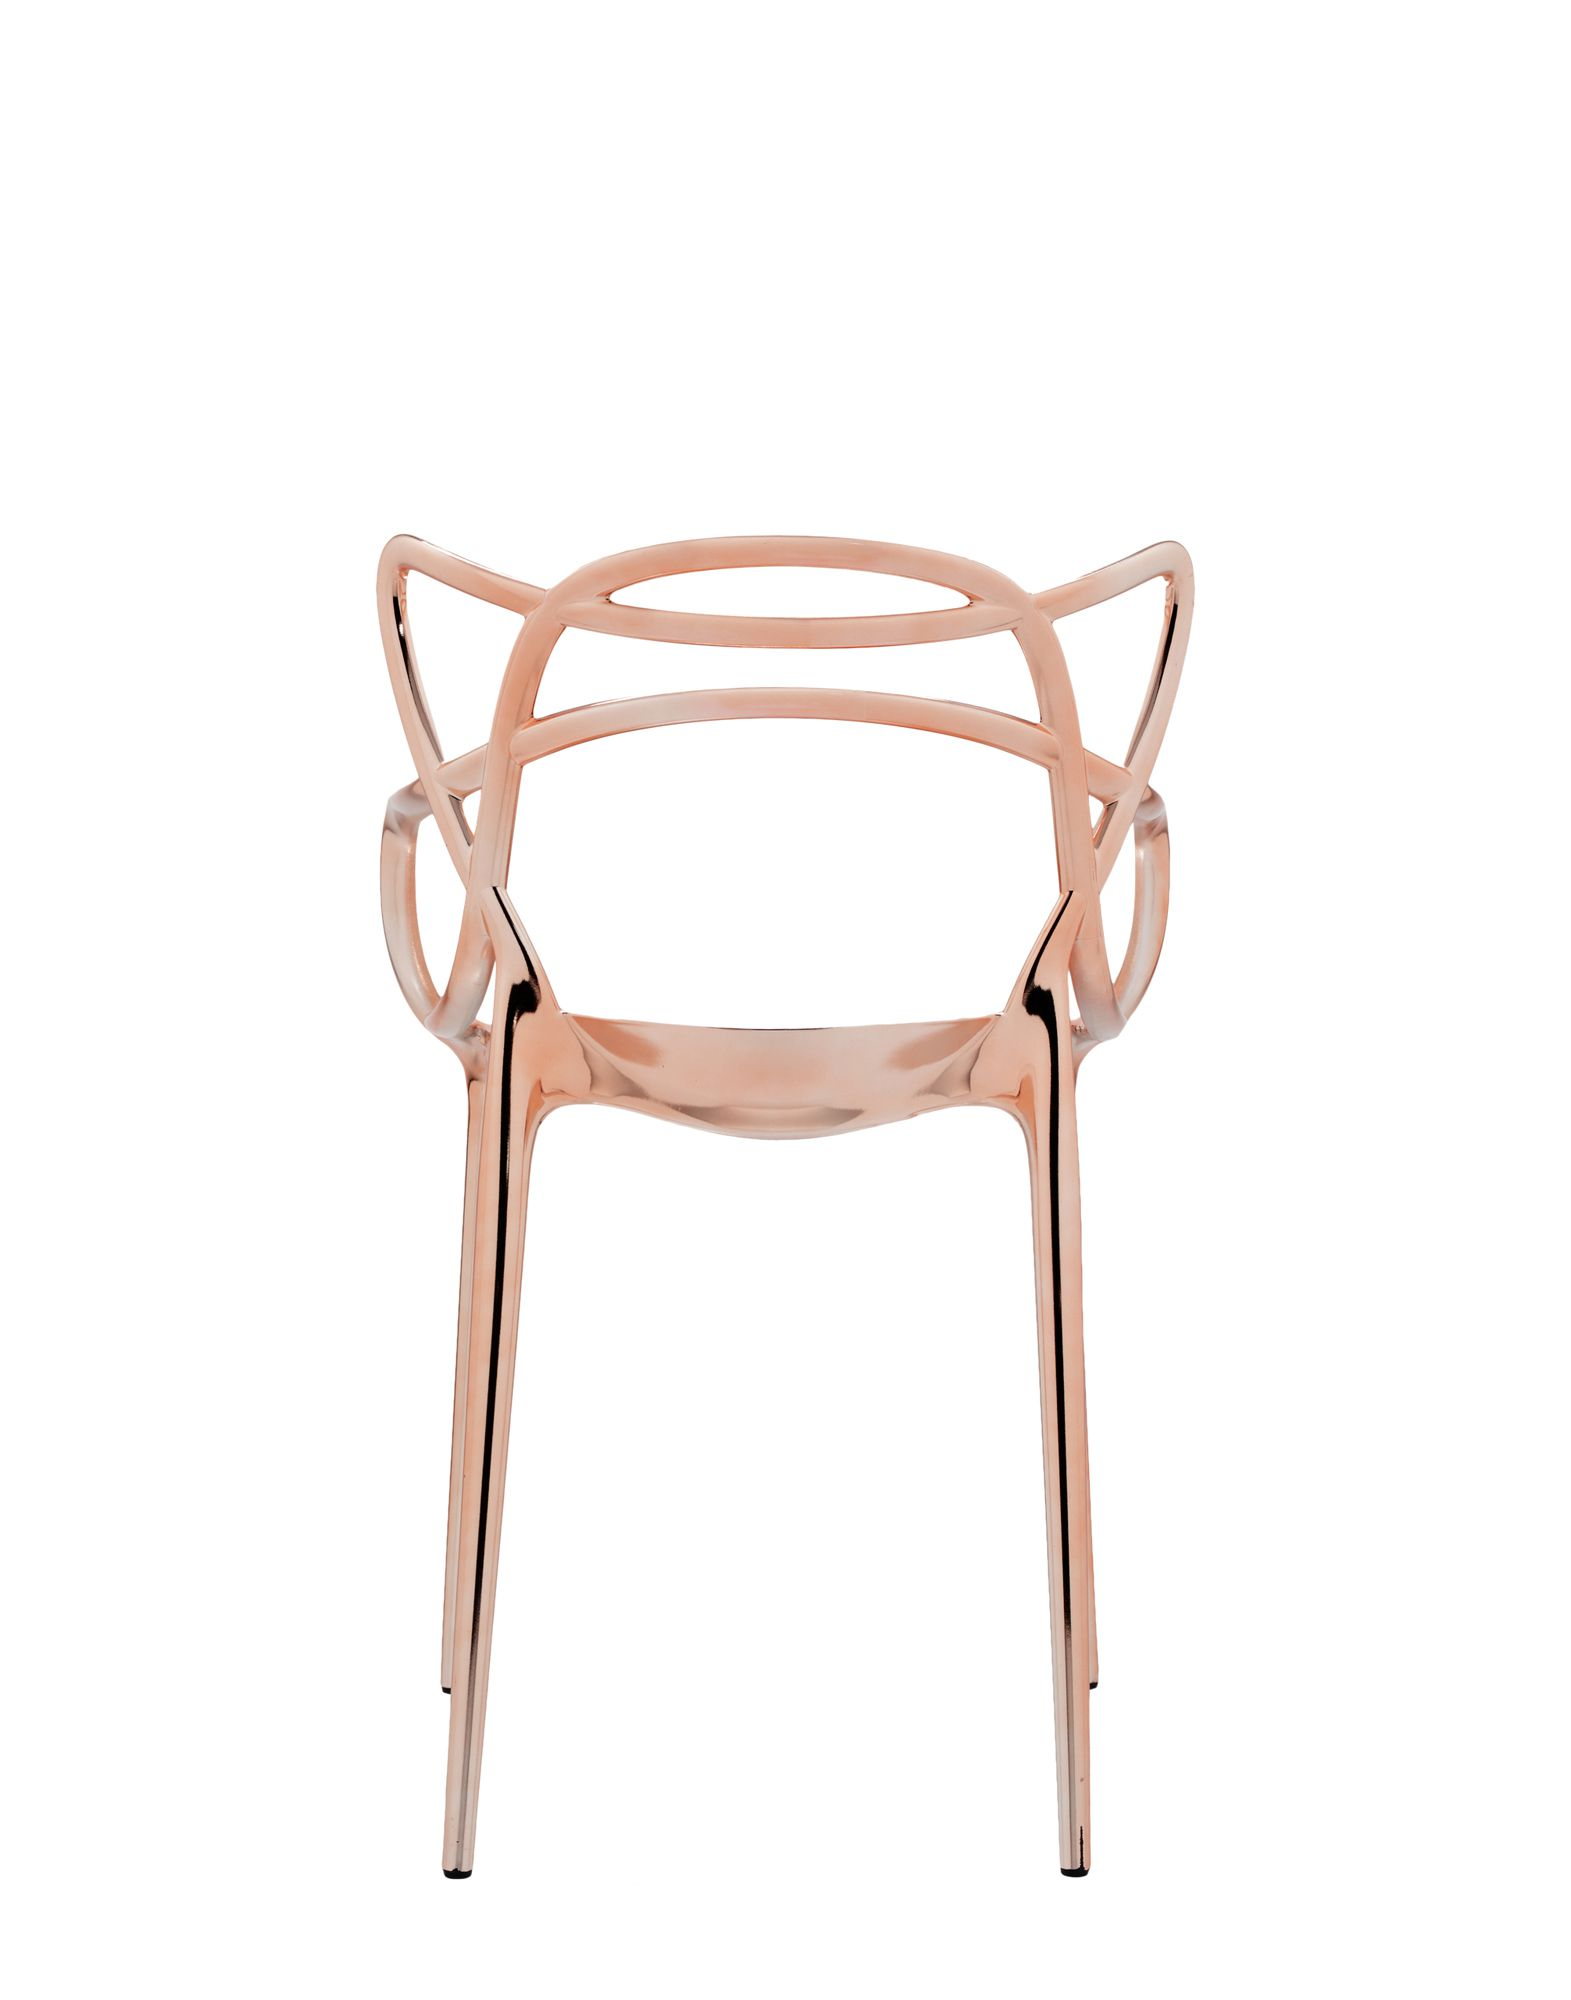 Kartell masters rame sedie sedie design sedie moderne sedie design newformsdesign - Sedia masters kartell ...